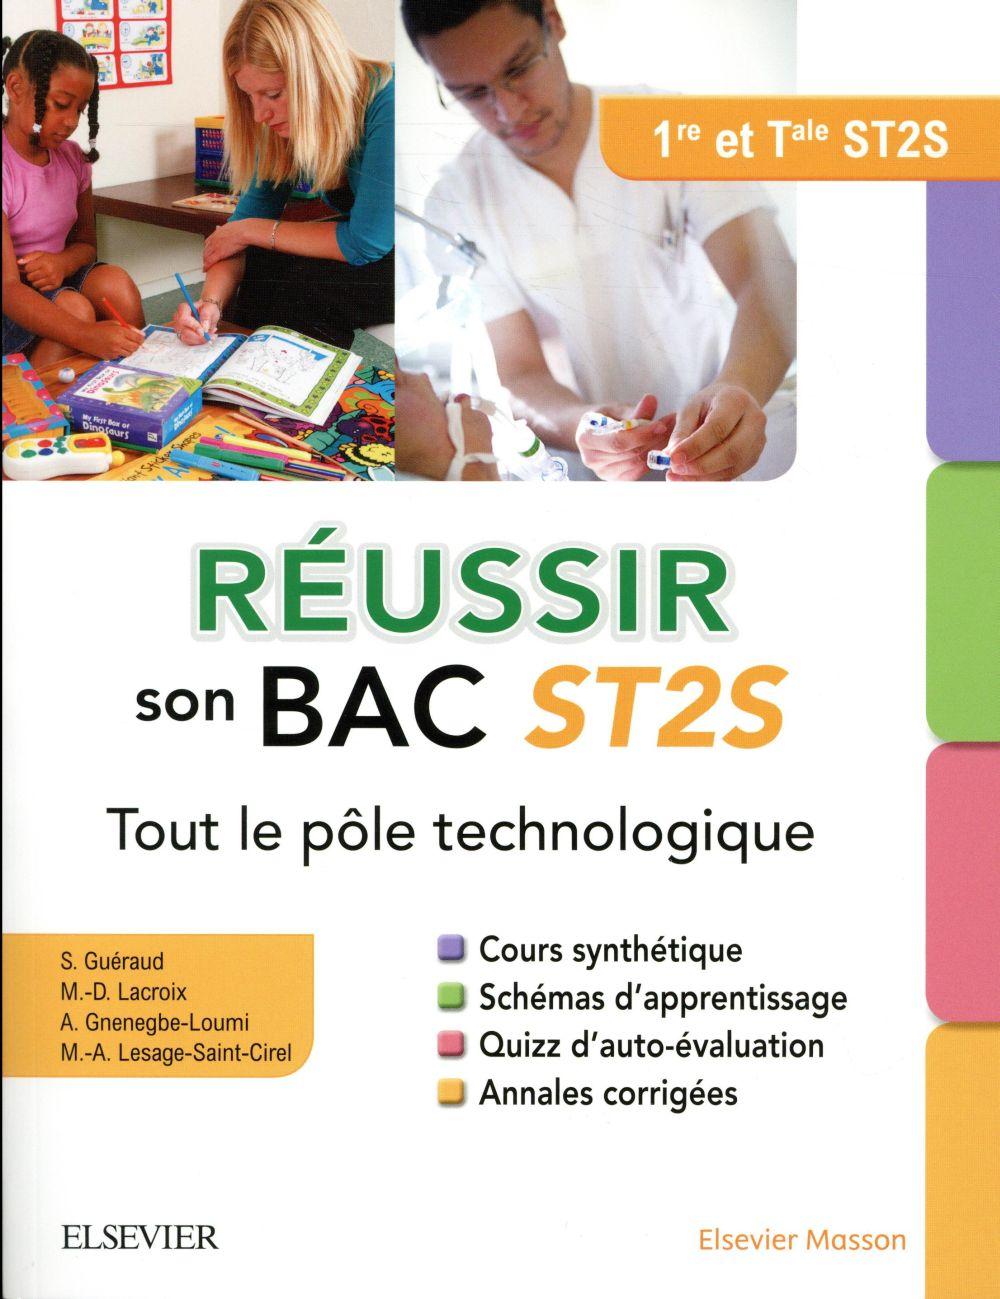 REUSSIR SON BAC ST2S  -  TOUT LE POLE TECHNOLOGIQUE GUERAUD/LACROIX MASSON